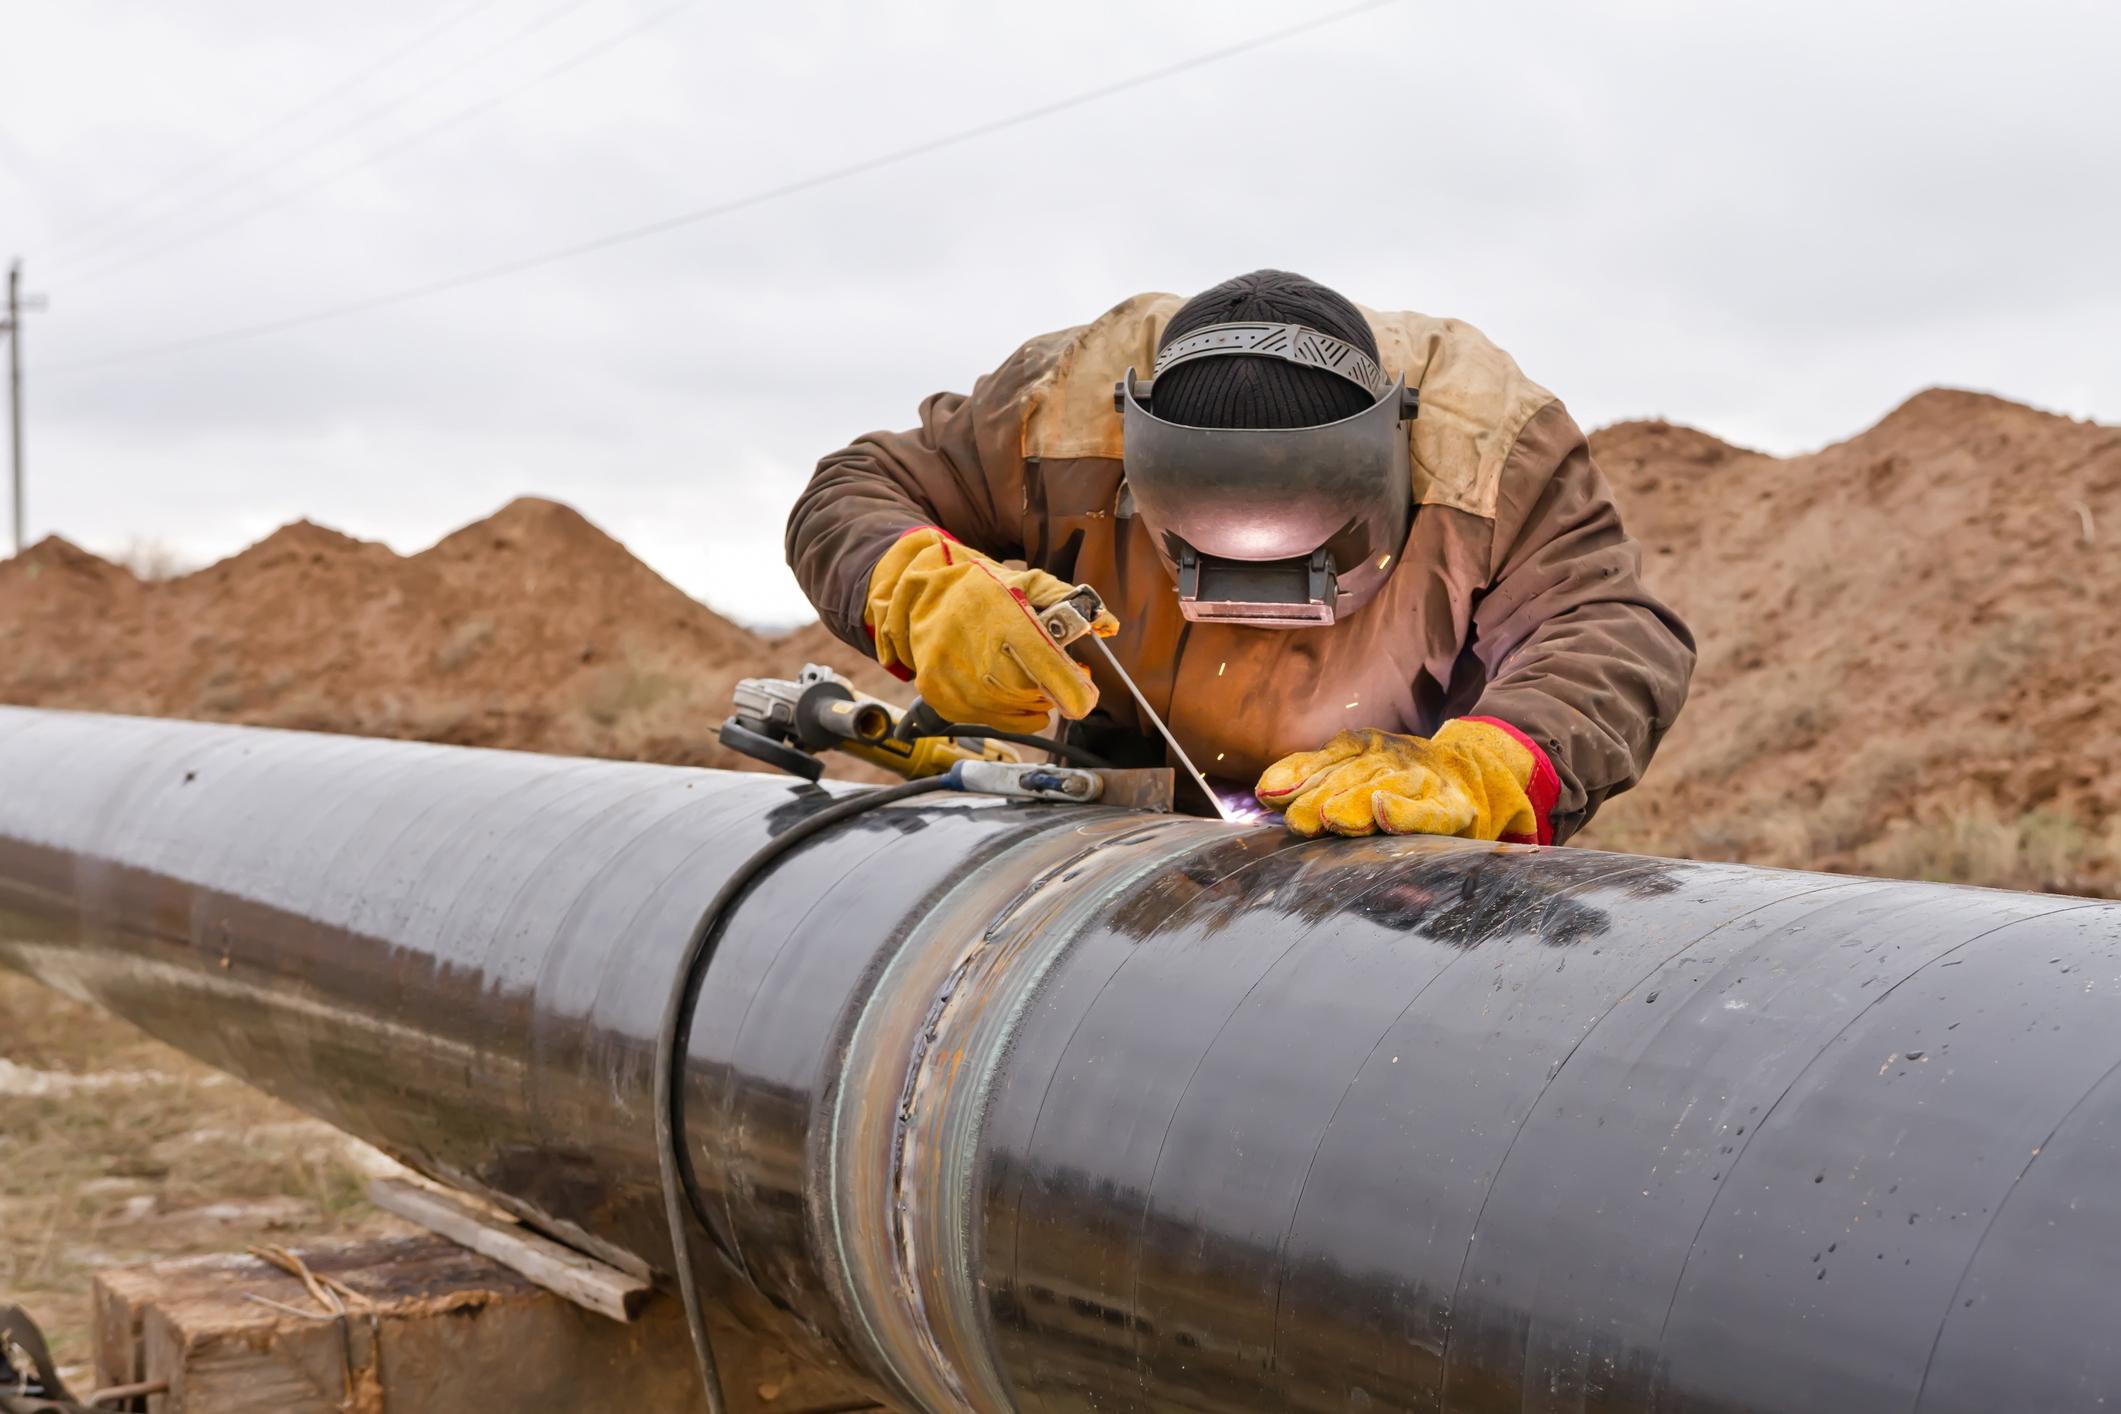 Welder working on an oil pipeline.